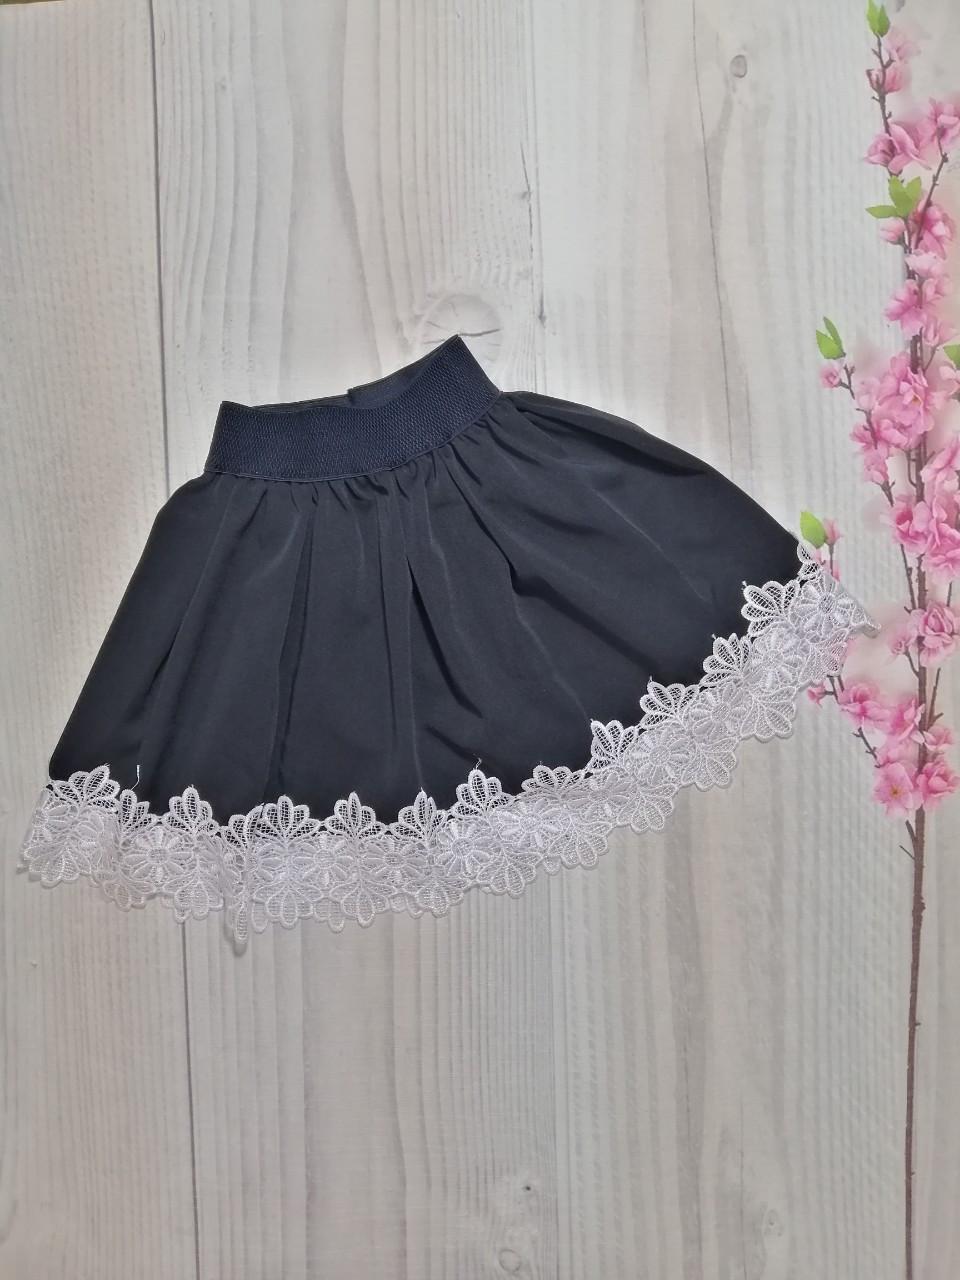 Детская юбка с кружевом внизу школьная т.синяя р. 116-134 опт